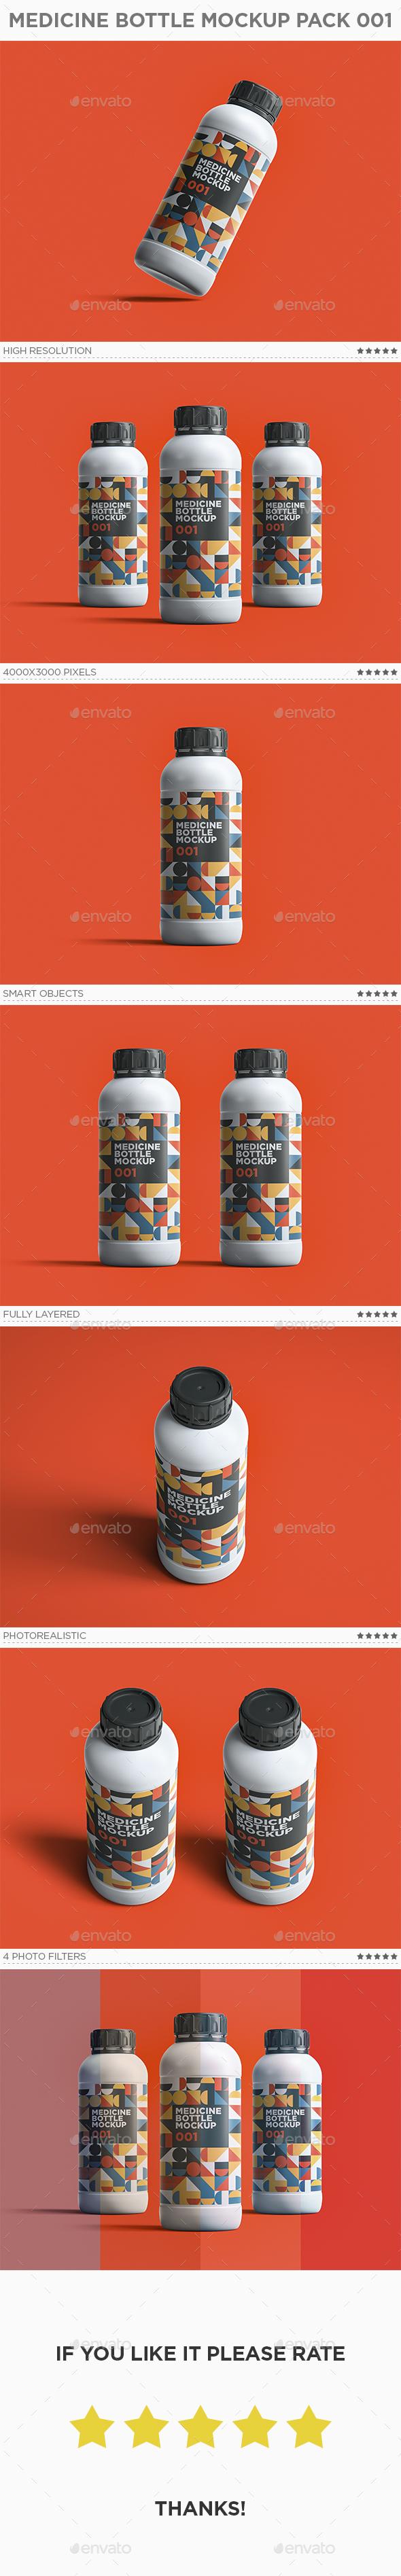 Medicine Bottle Mockup Pack 001